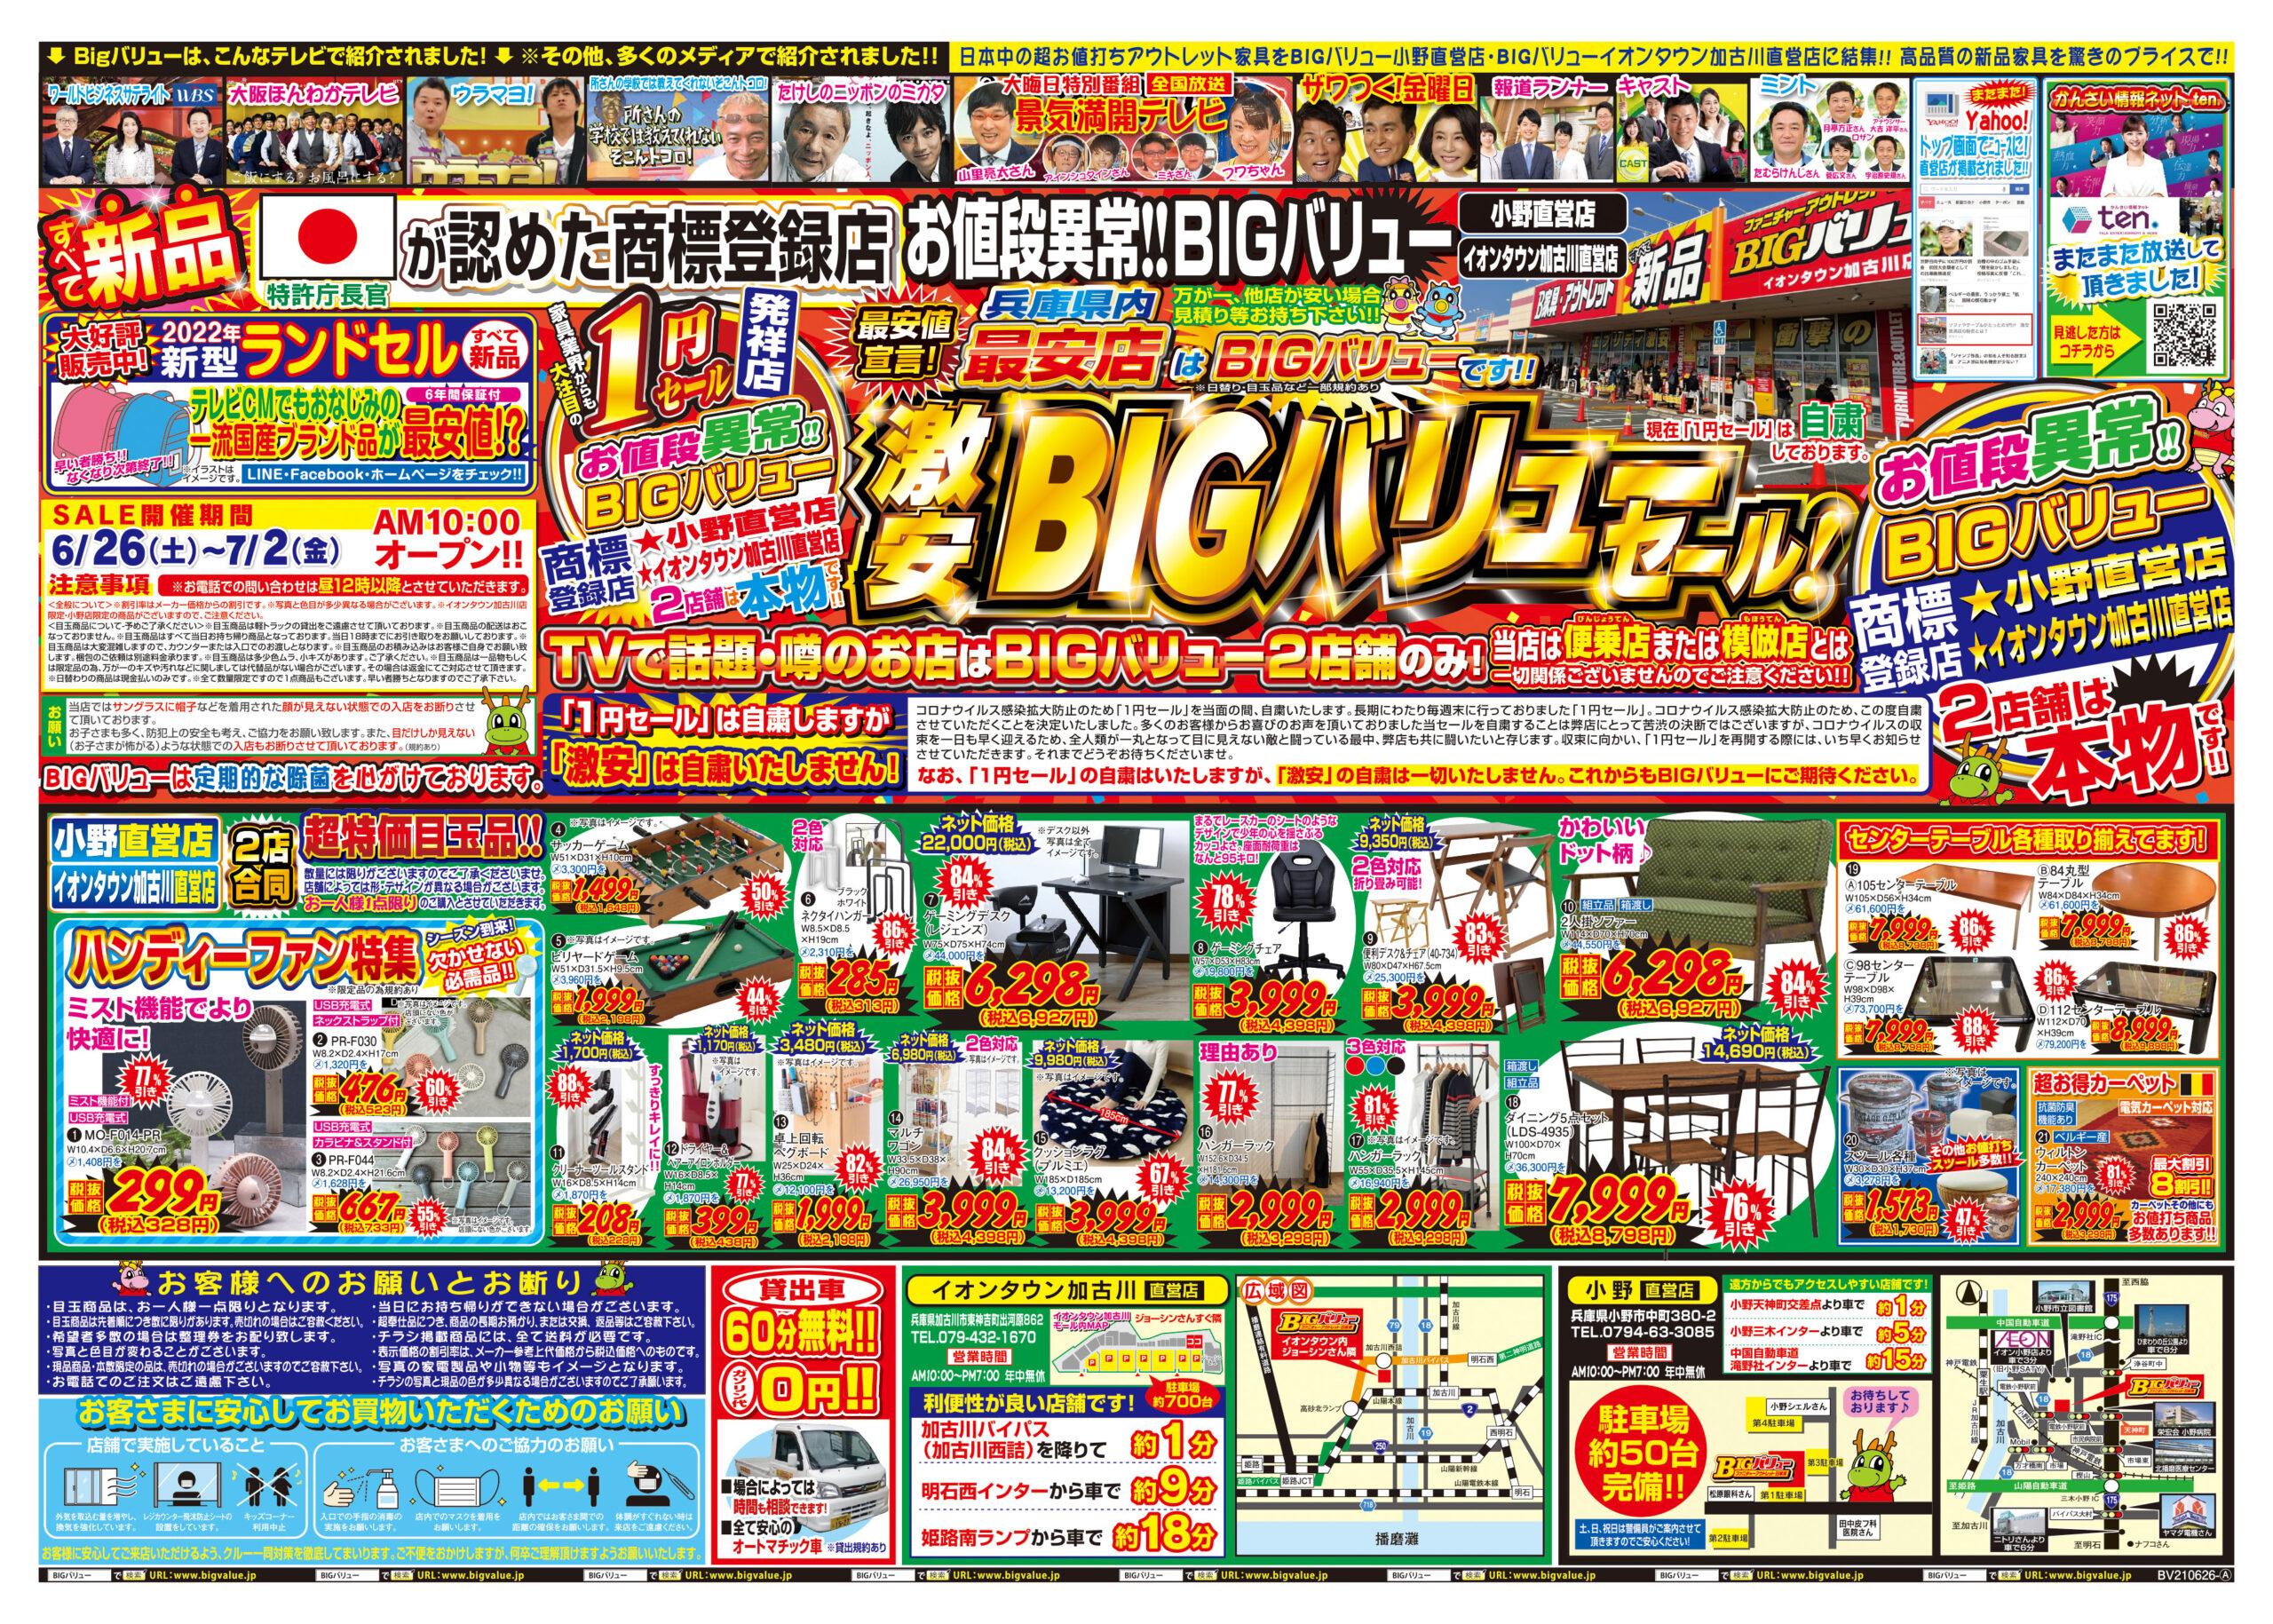 チラシ情報2021年6月26日~7月2日 小野店/イオンタウン加古川店